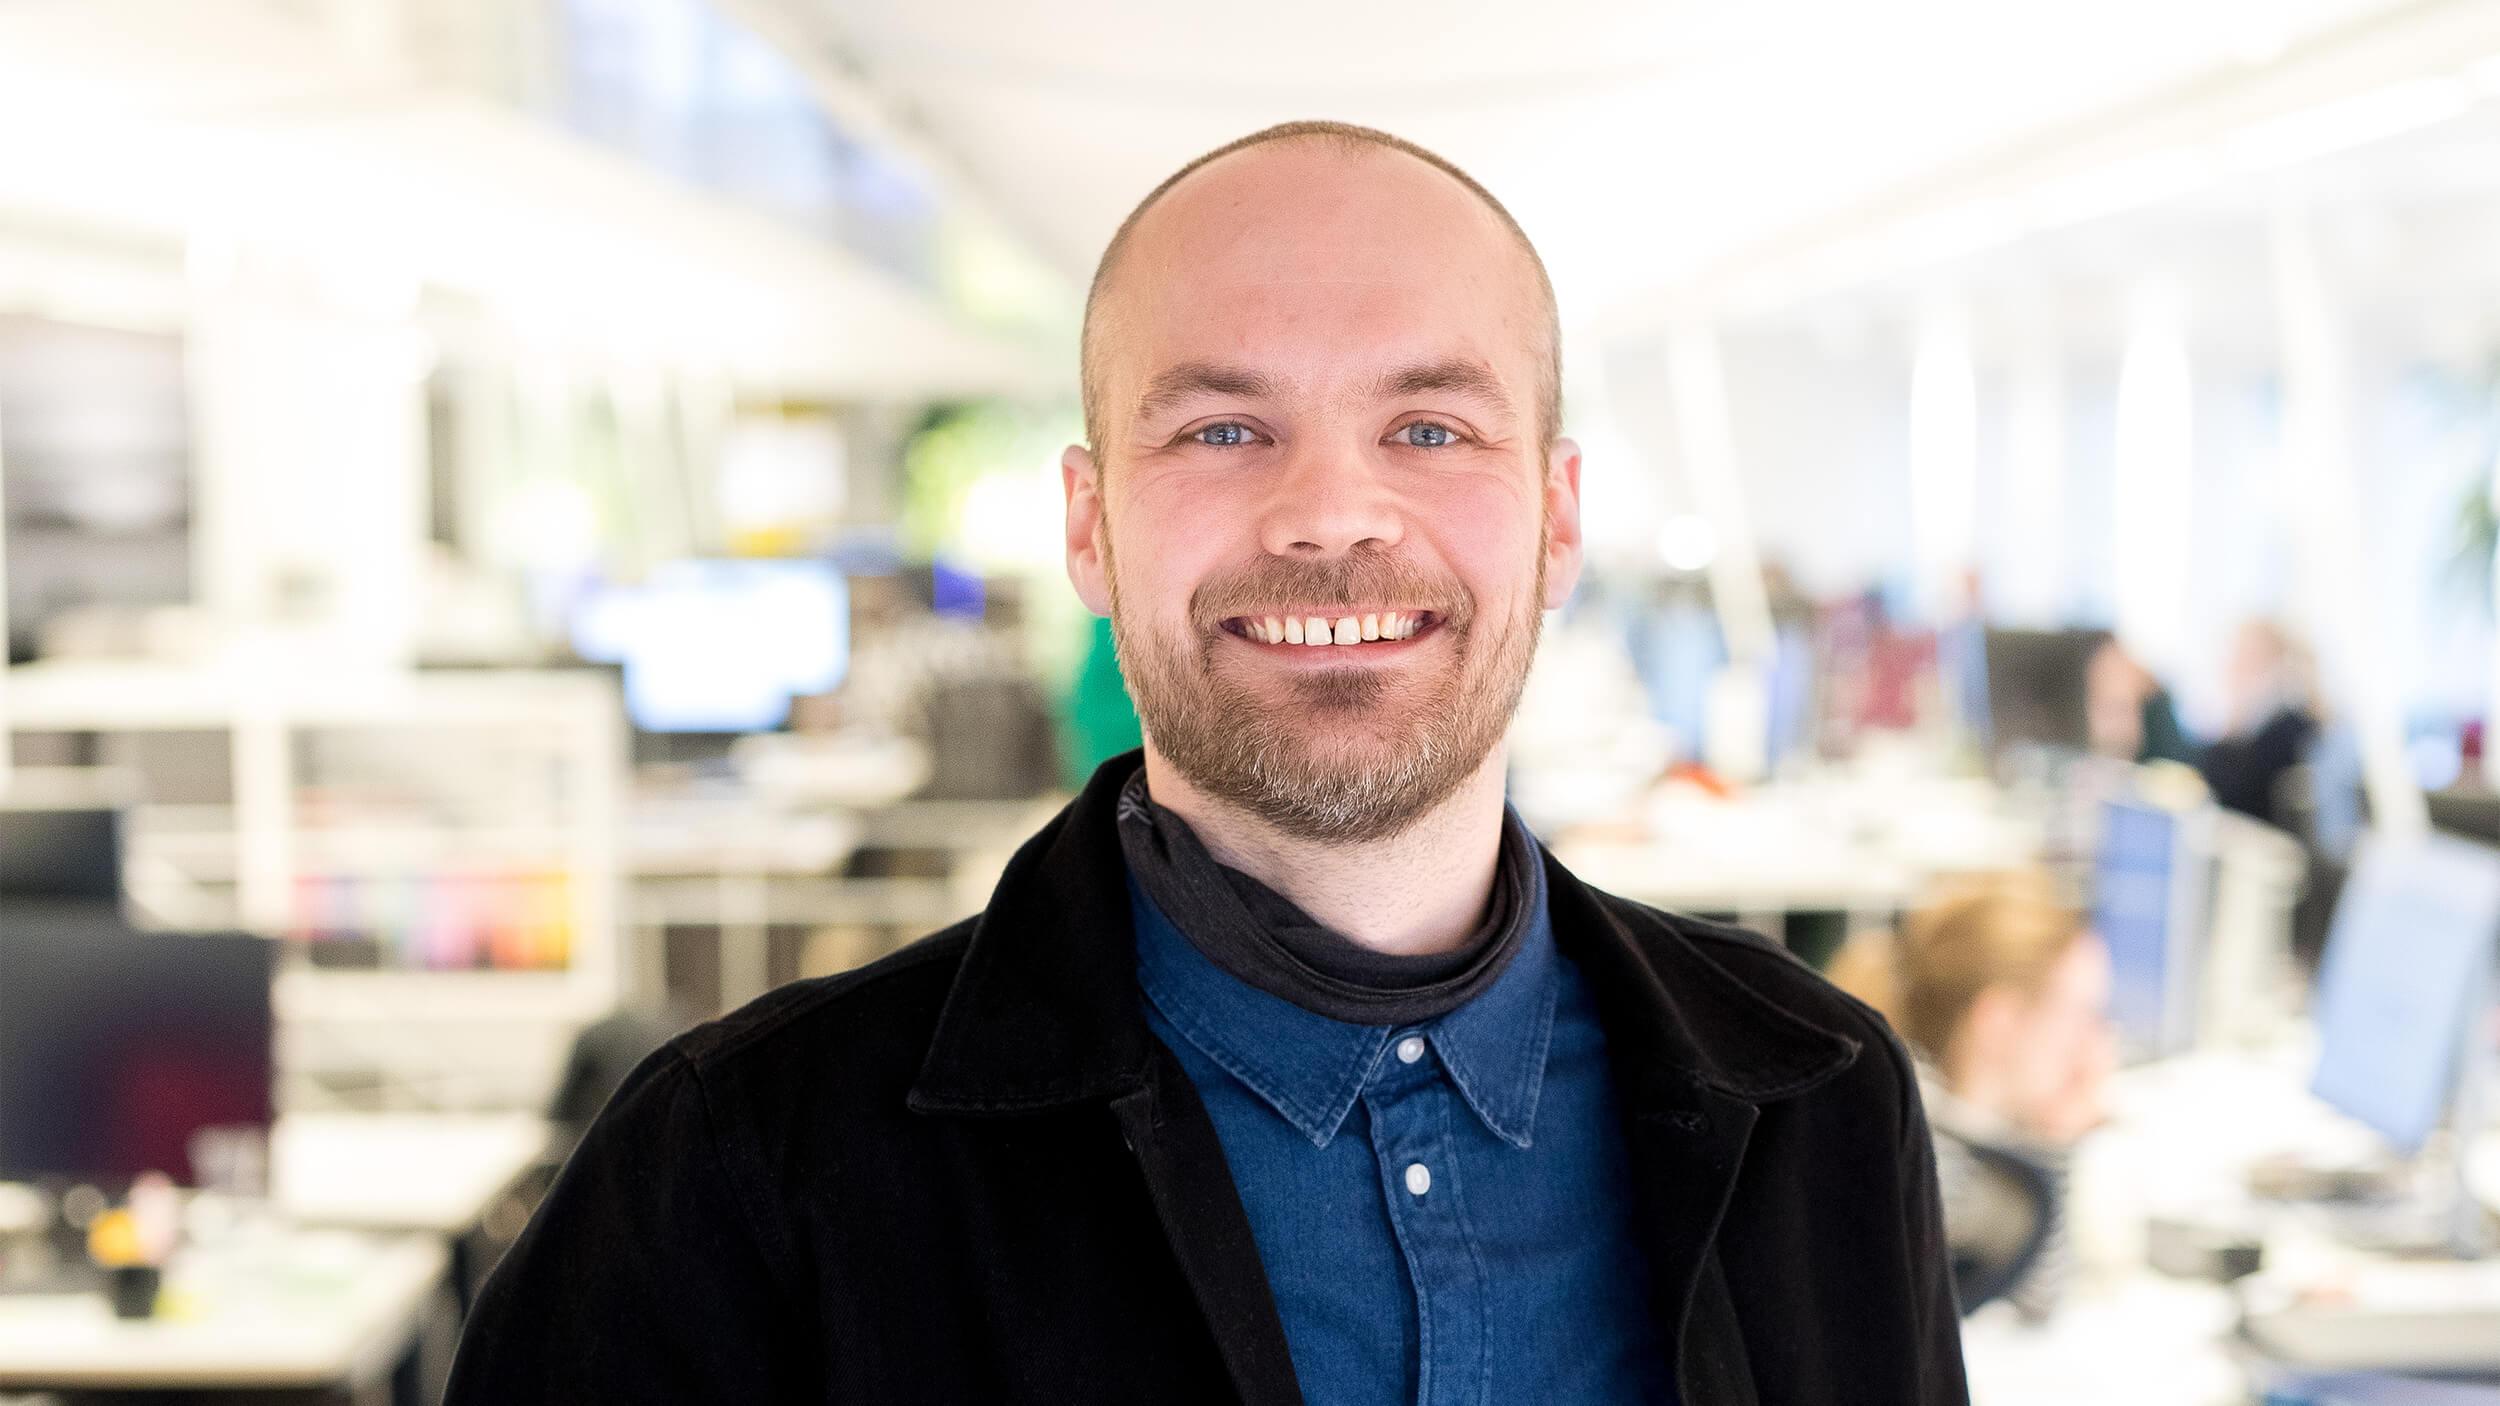 Mattias Wingård - ArkitektTill Lindberg Stenberg i januari 2019. Kommer närmast från E/S-A Arkitekter. Specialistkunskaper som kontrollansvarig enligt PBL. Intresserad av familj, klättring och mat.